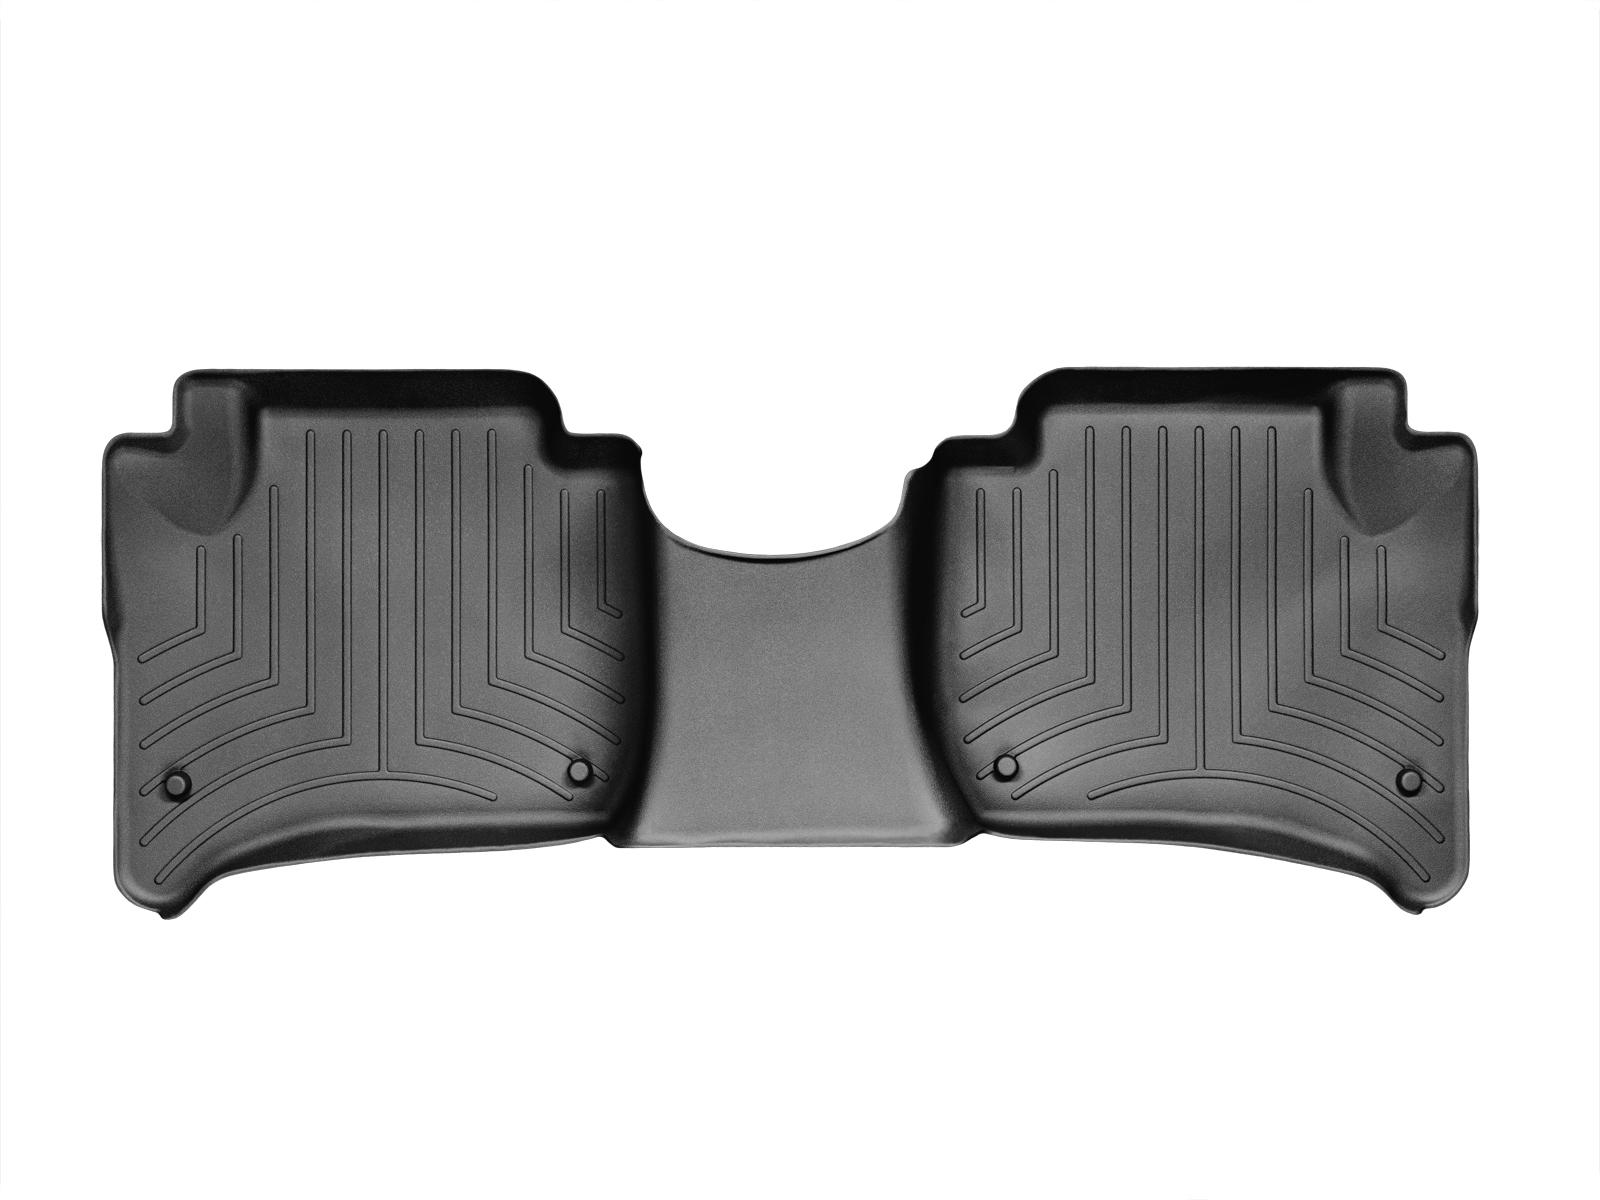 Tappeti gomma su misura bordo alto Volkswagen Touareg 11>17 Nero A4336*